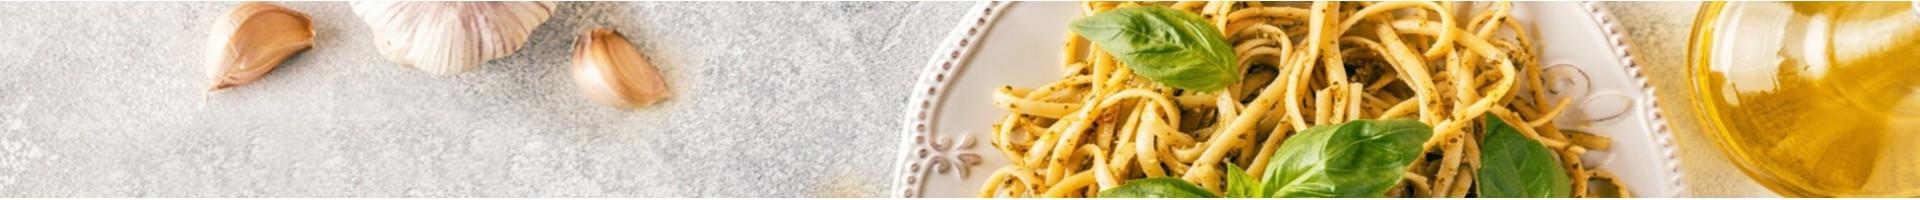 Pasta: Espaguetis Integrales, Pasta de Avena y más | La Finestra